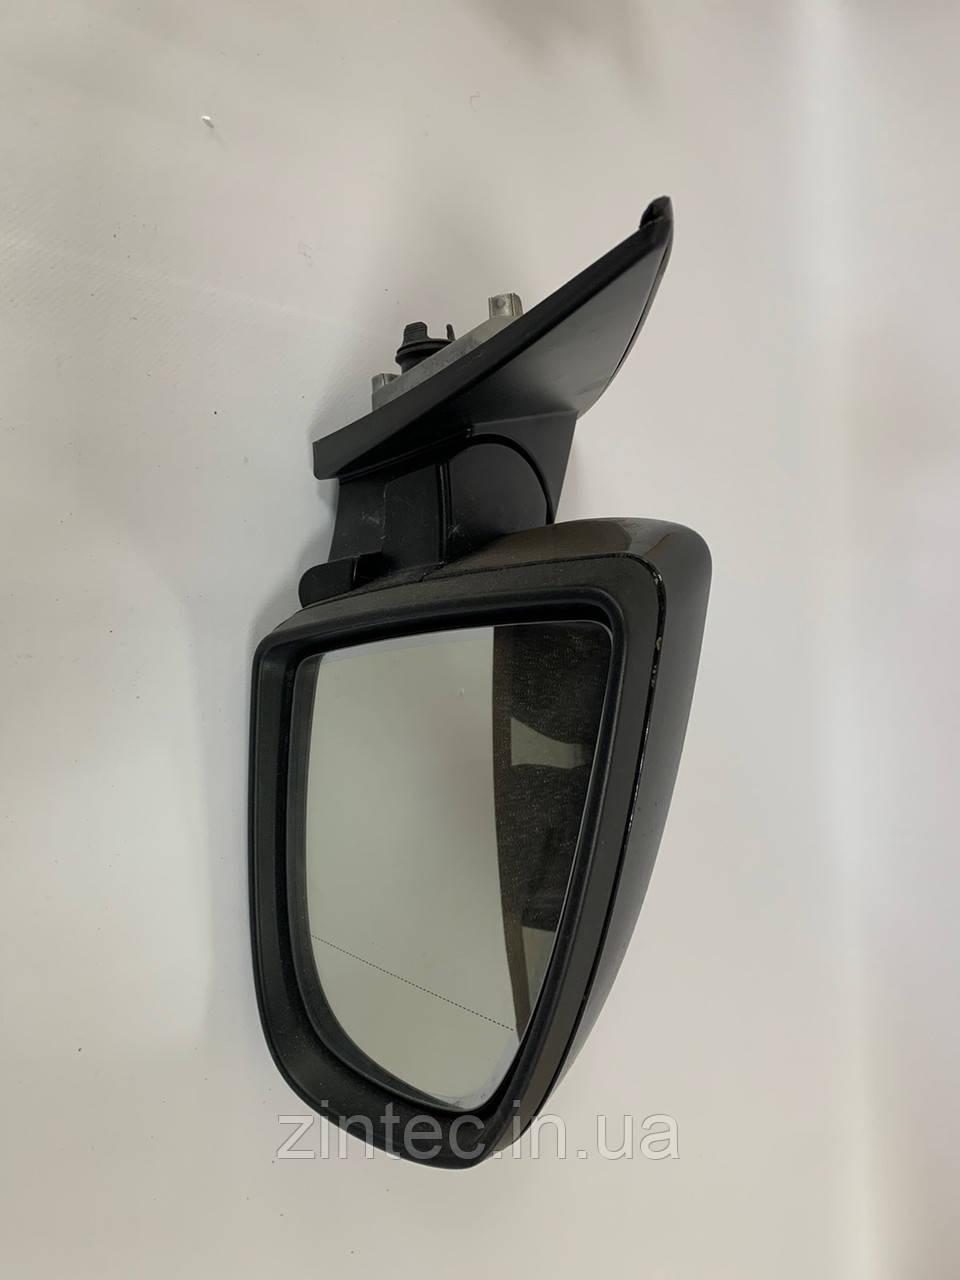 Продам зеркало правое BMW X5 Е70 (Европа) 2007-2012 год